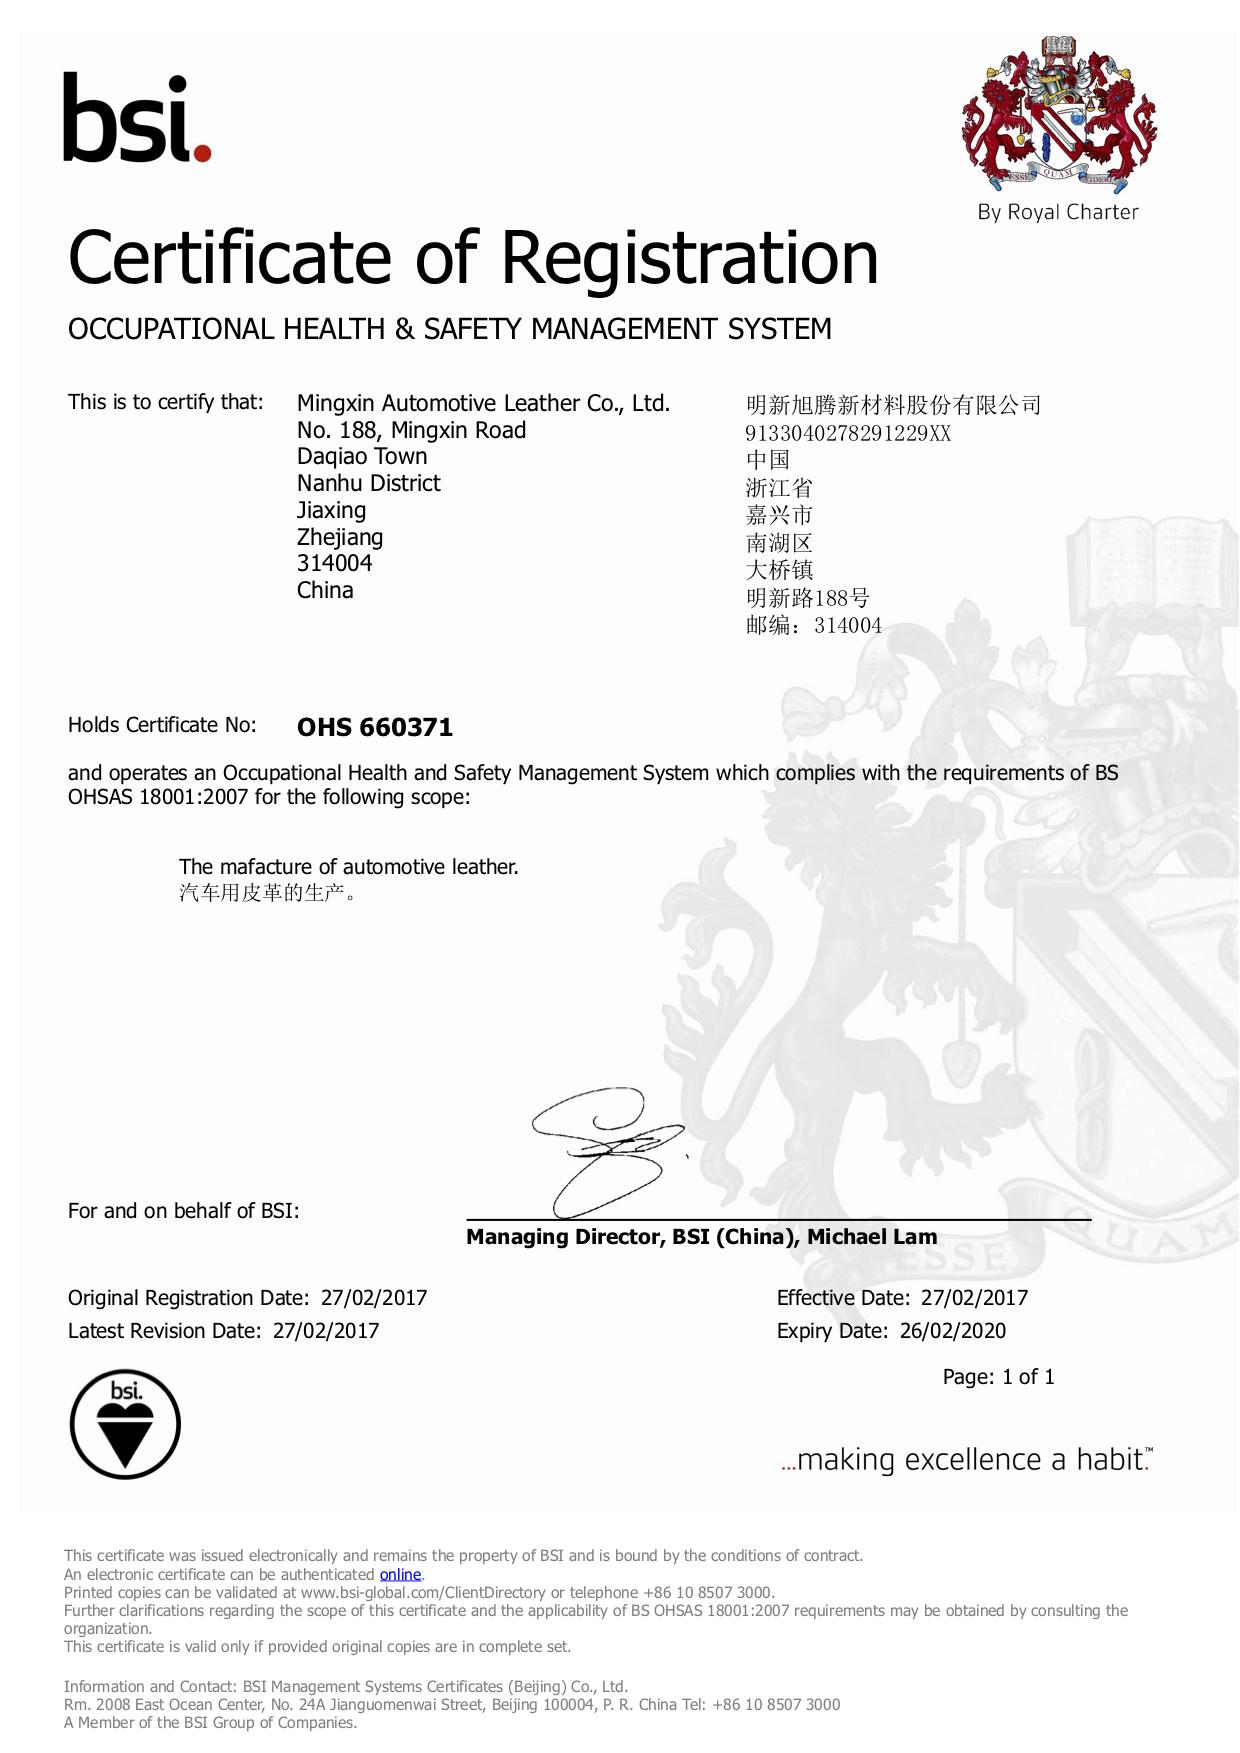 明新旭騰-OHS660371-職業健康安全體系